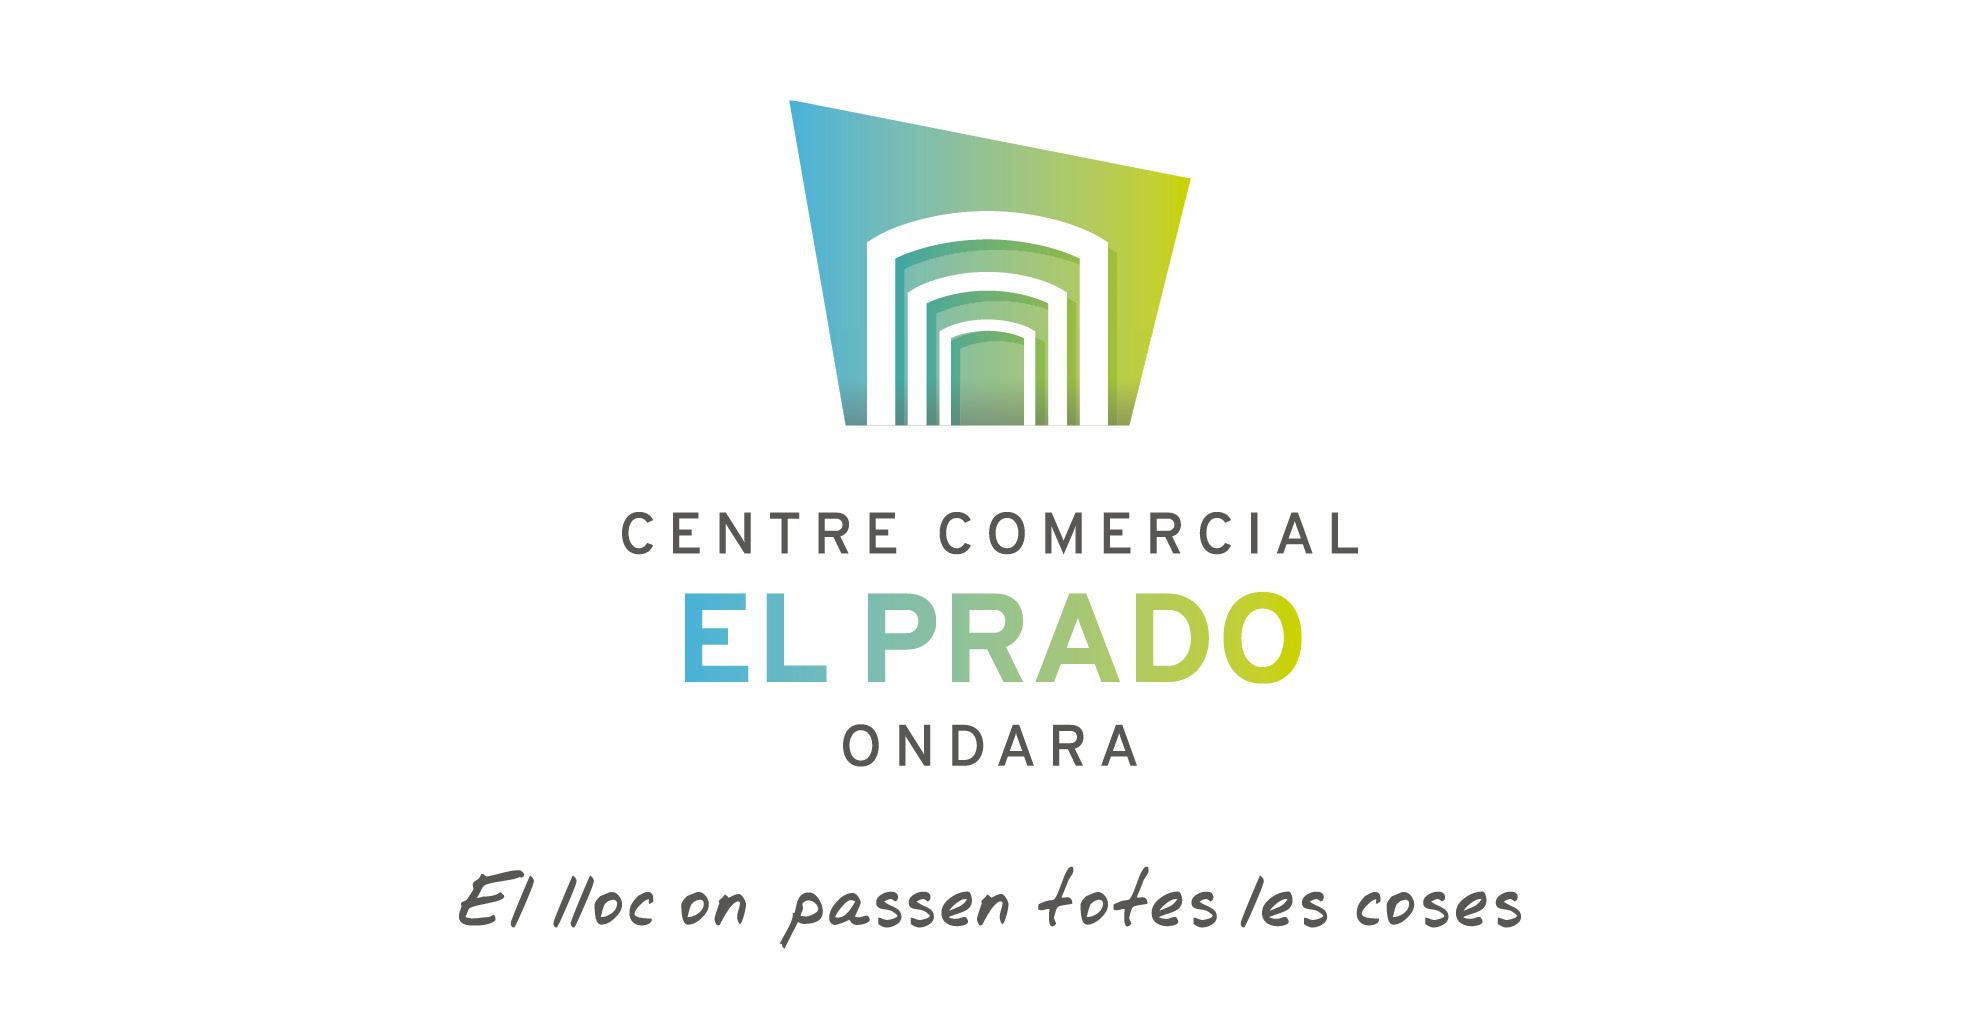 CC El Prado Ondara